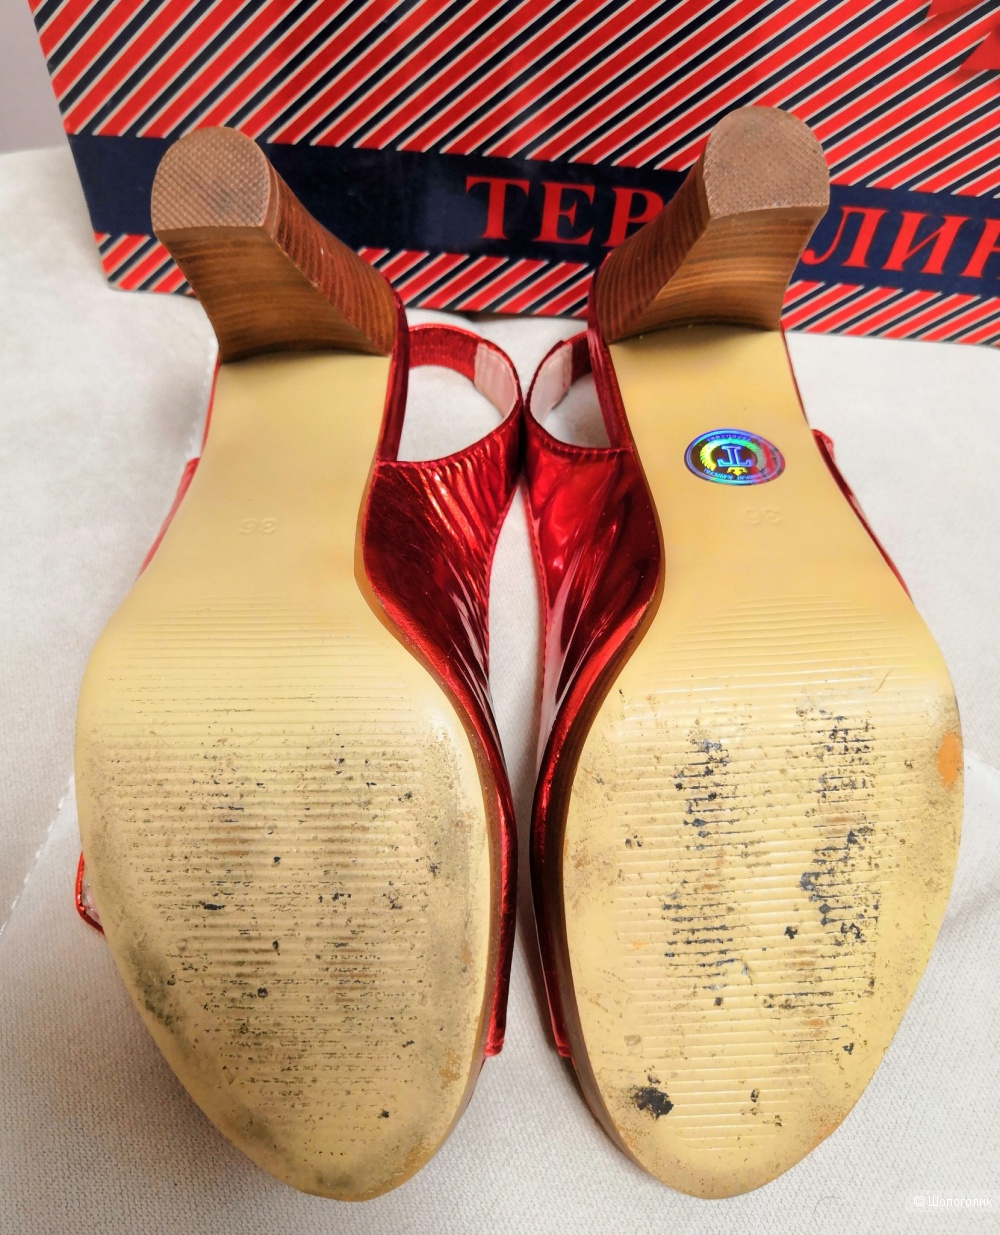 Кожаные босоножки Терволина, 36 размер